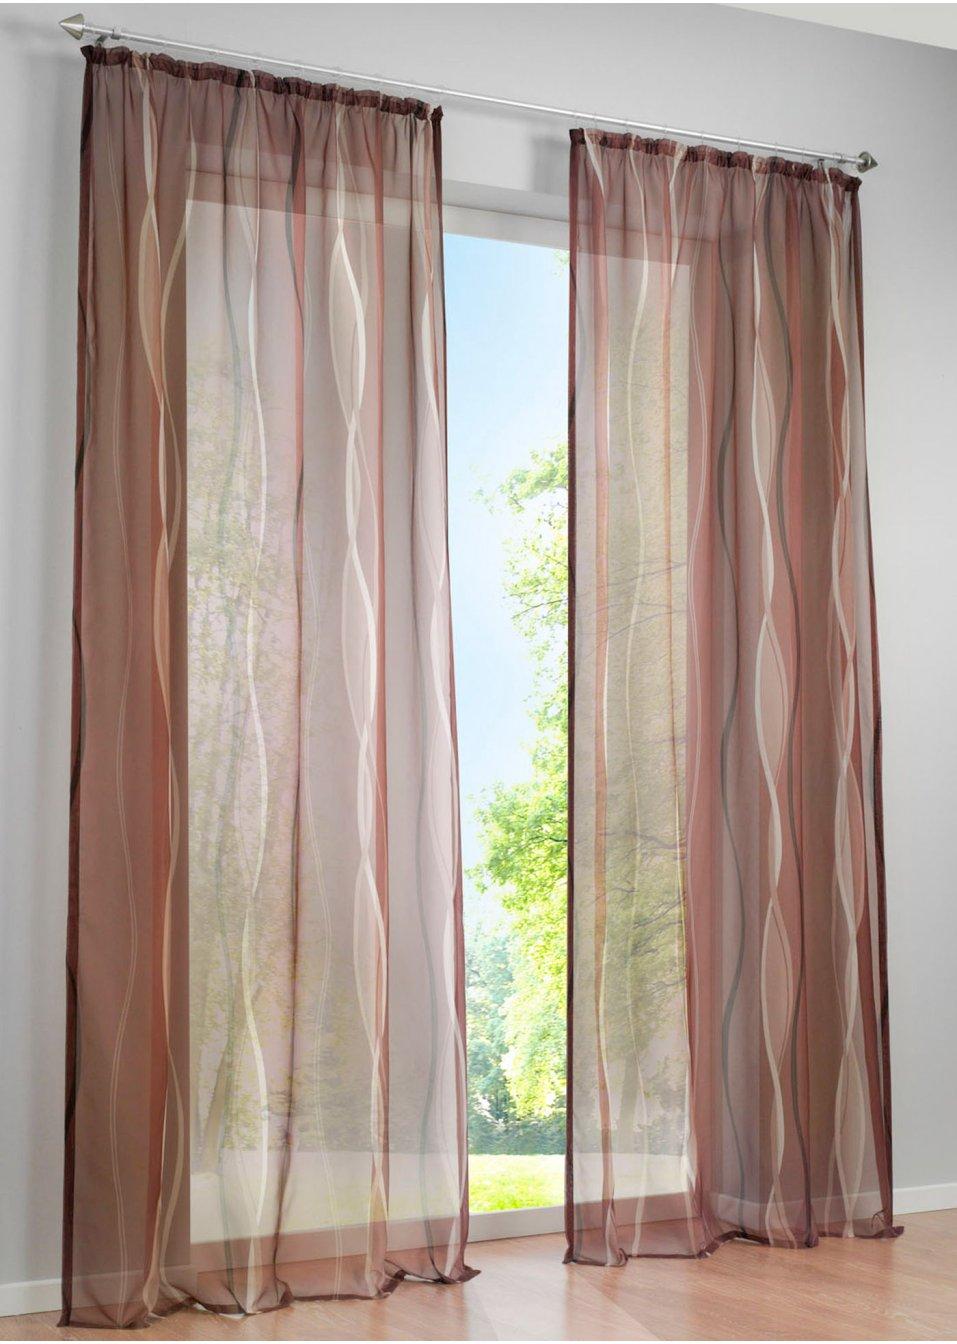 Soggiorno creativo tappeto - Tende parasole per finestre ...